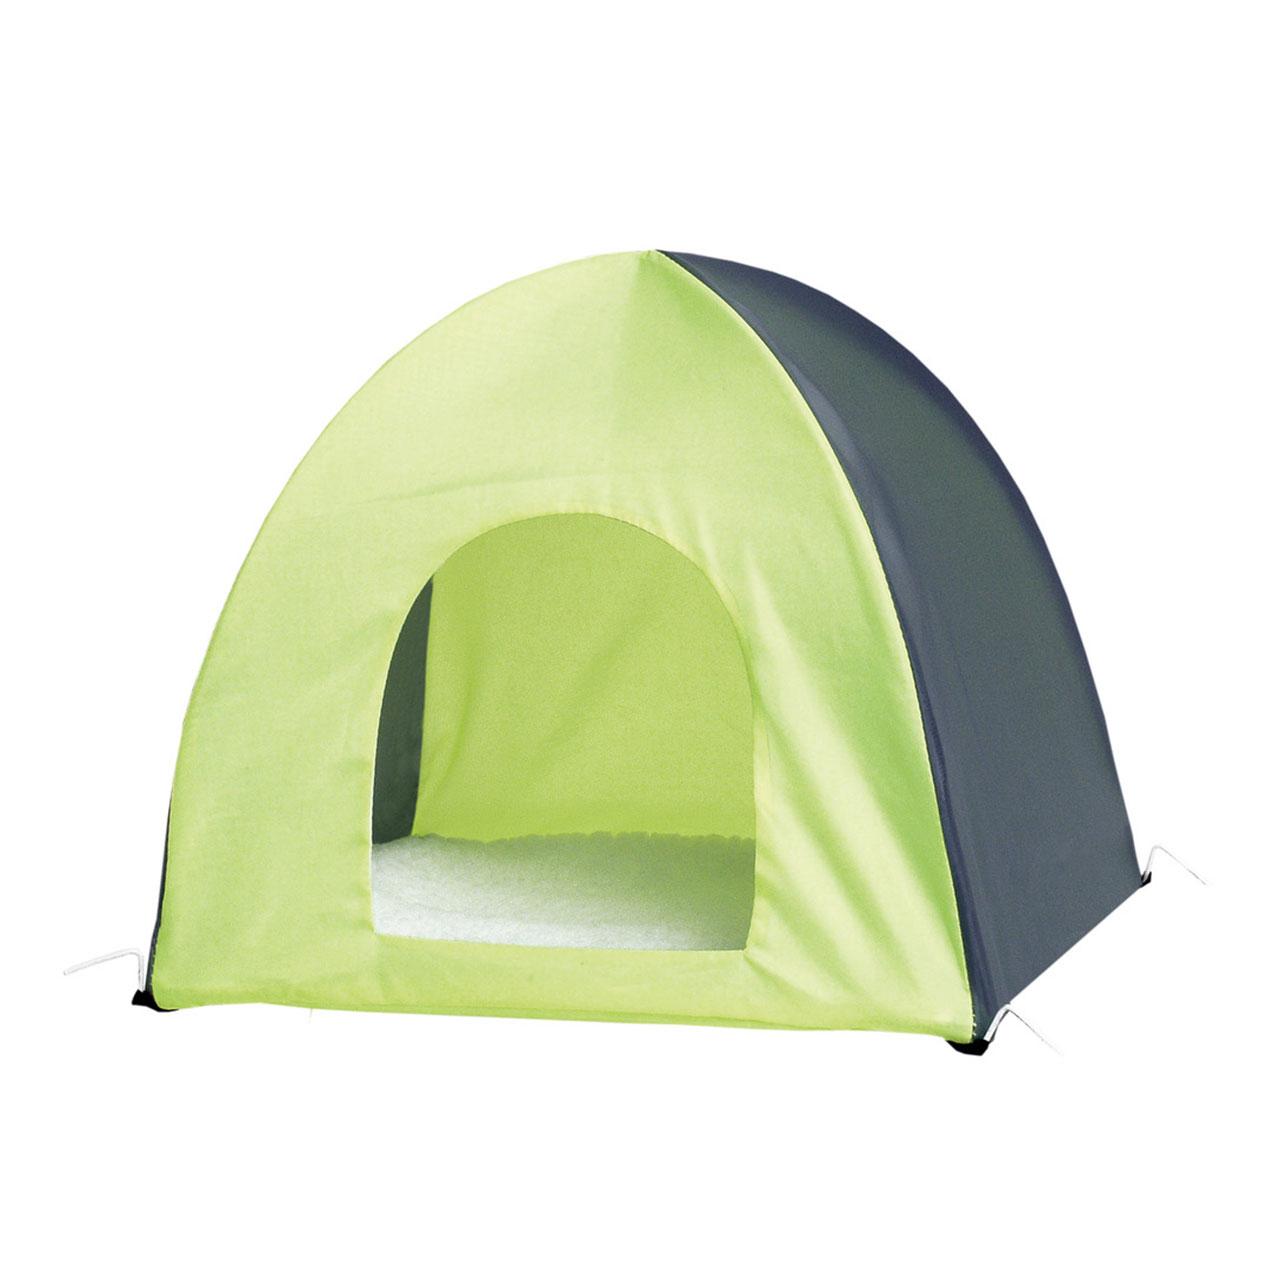 Karlie Rody Camp Zelt für Kleintiere, Bild 2